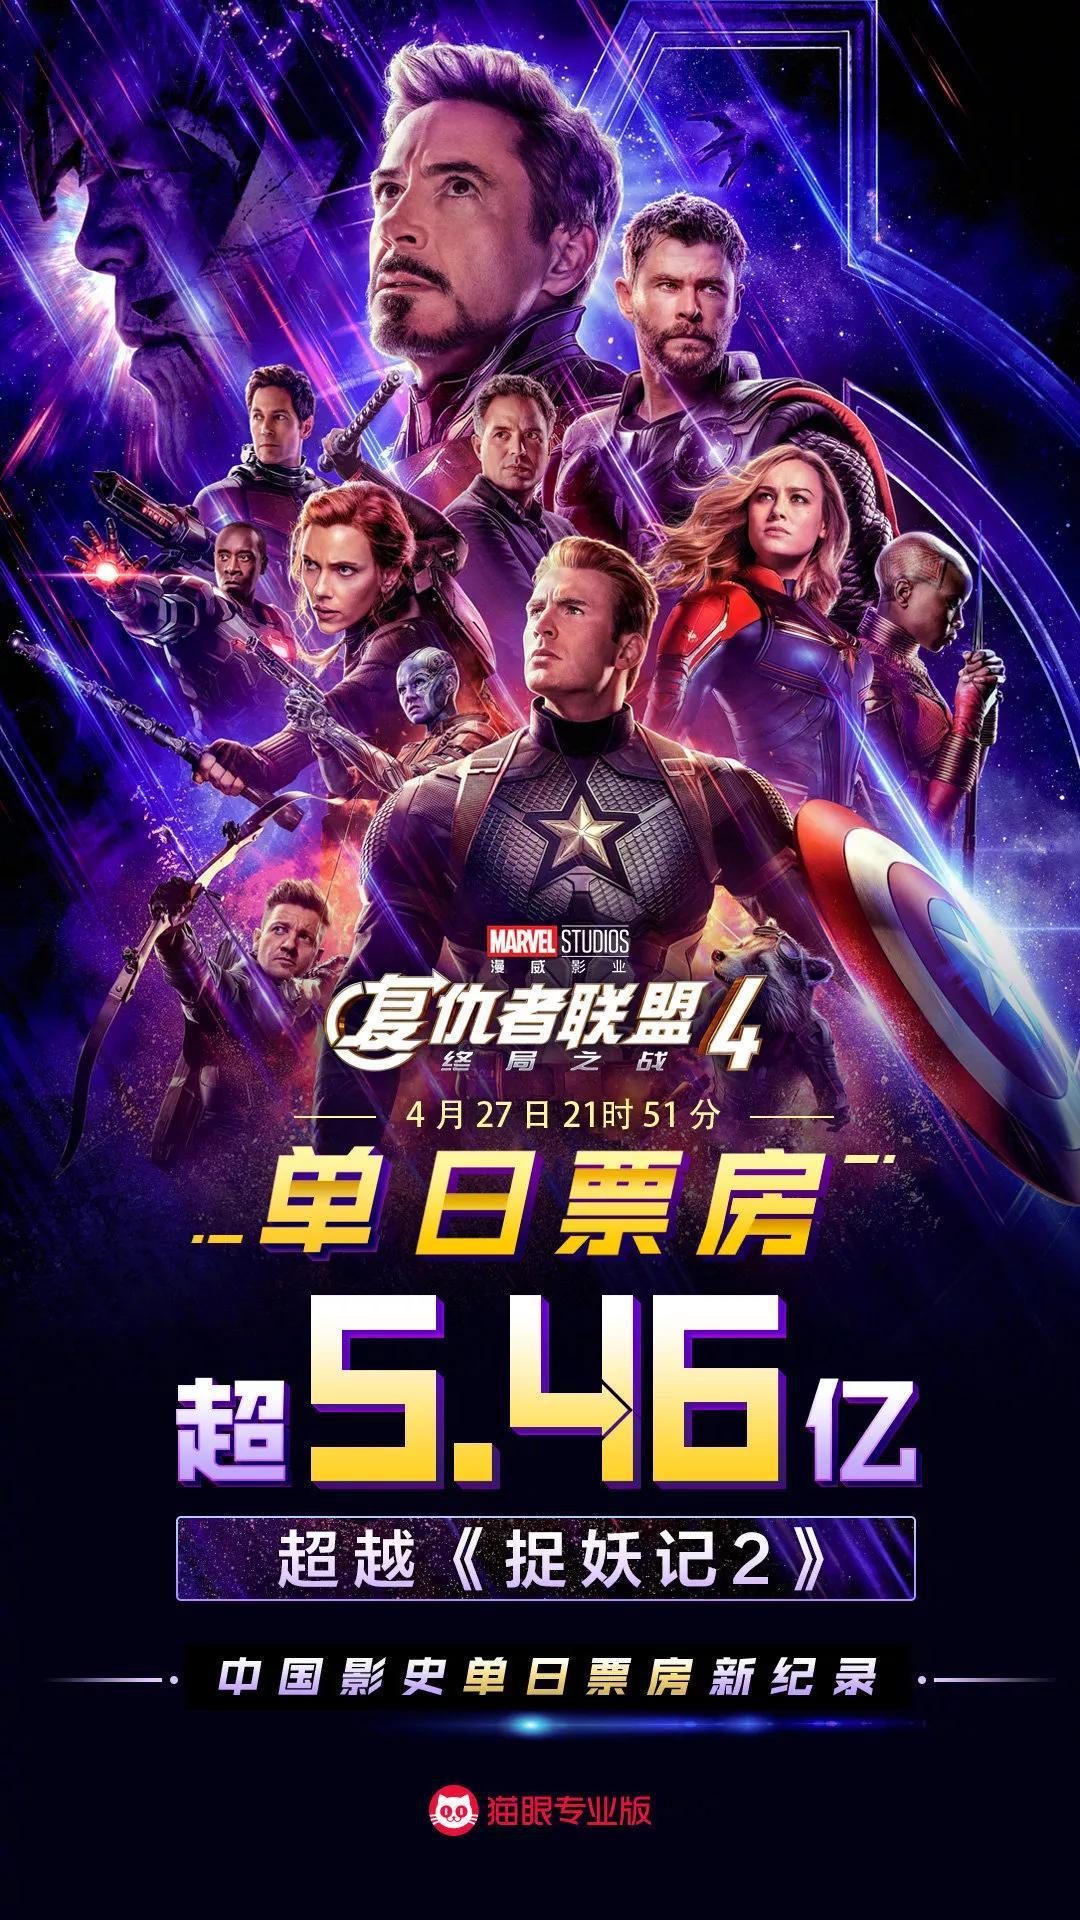 五天破21億 !《復聯4》屢刷中國影史紀錄,為何這麼火?_票房